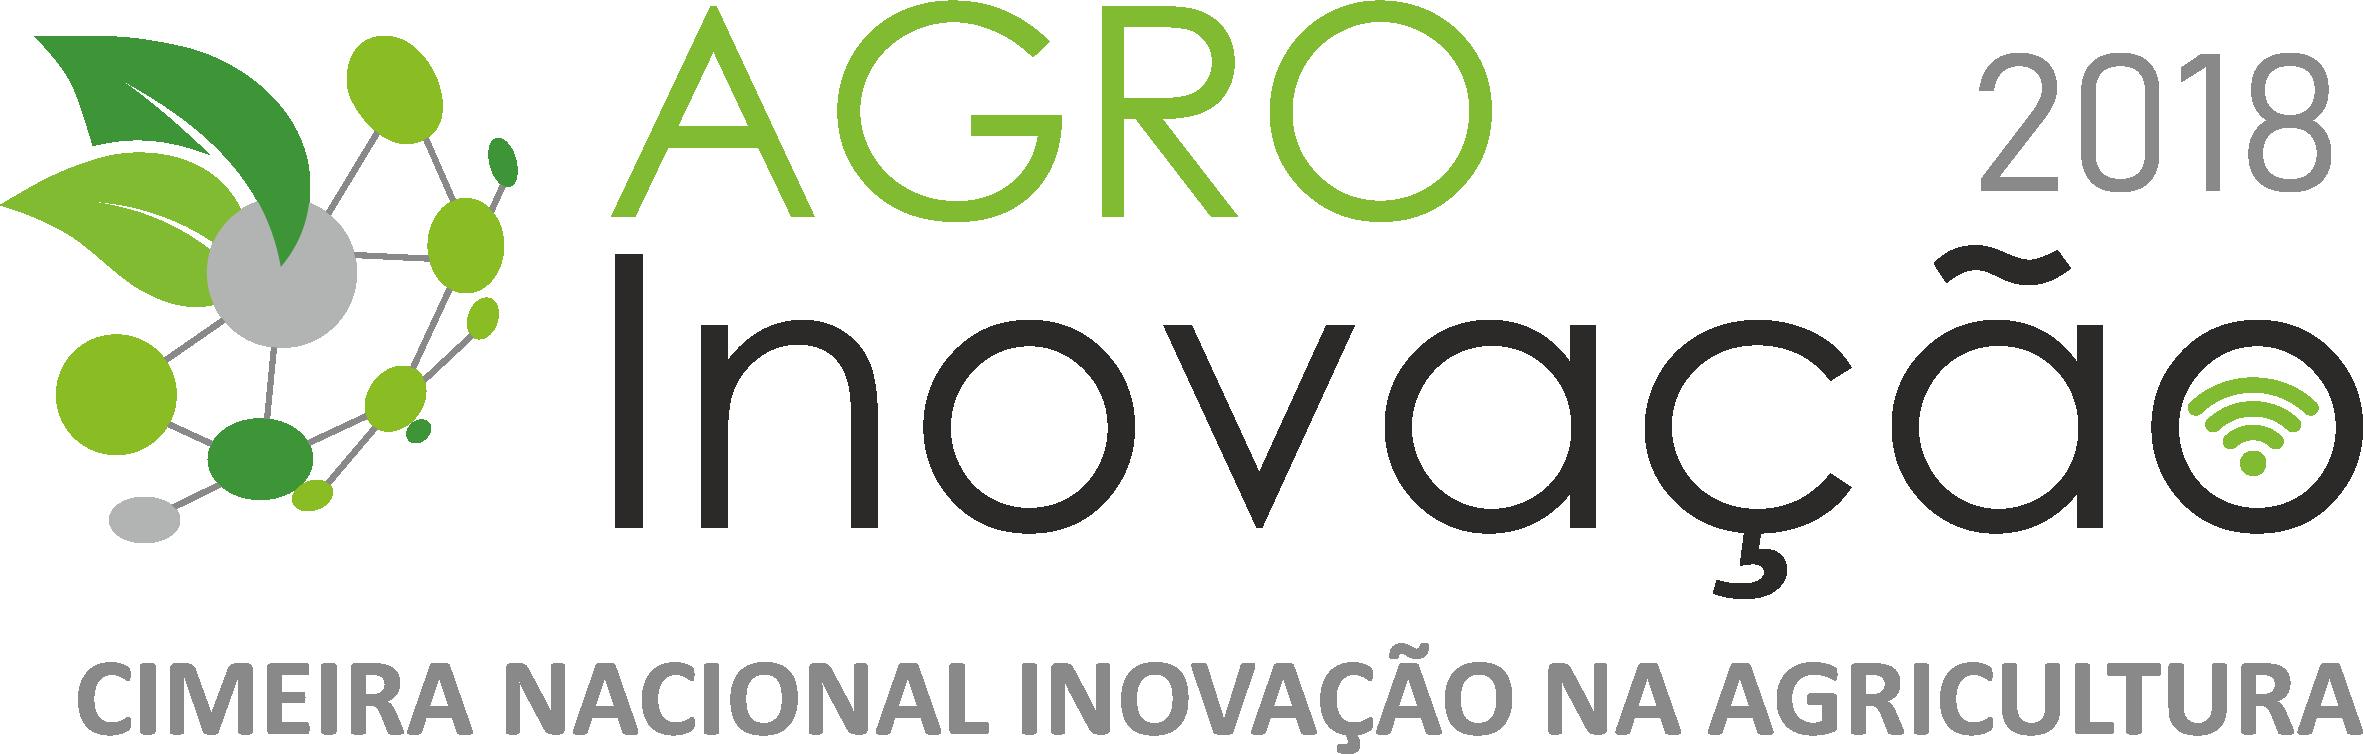 logo AGRO INOVACAO cor